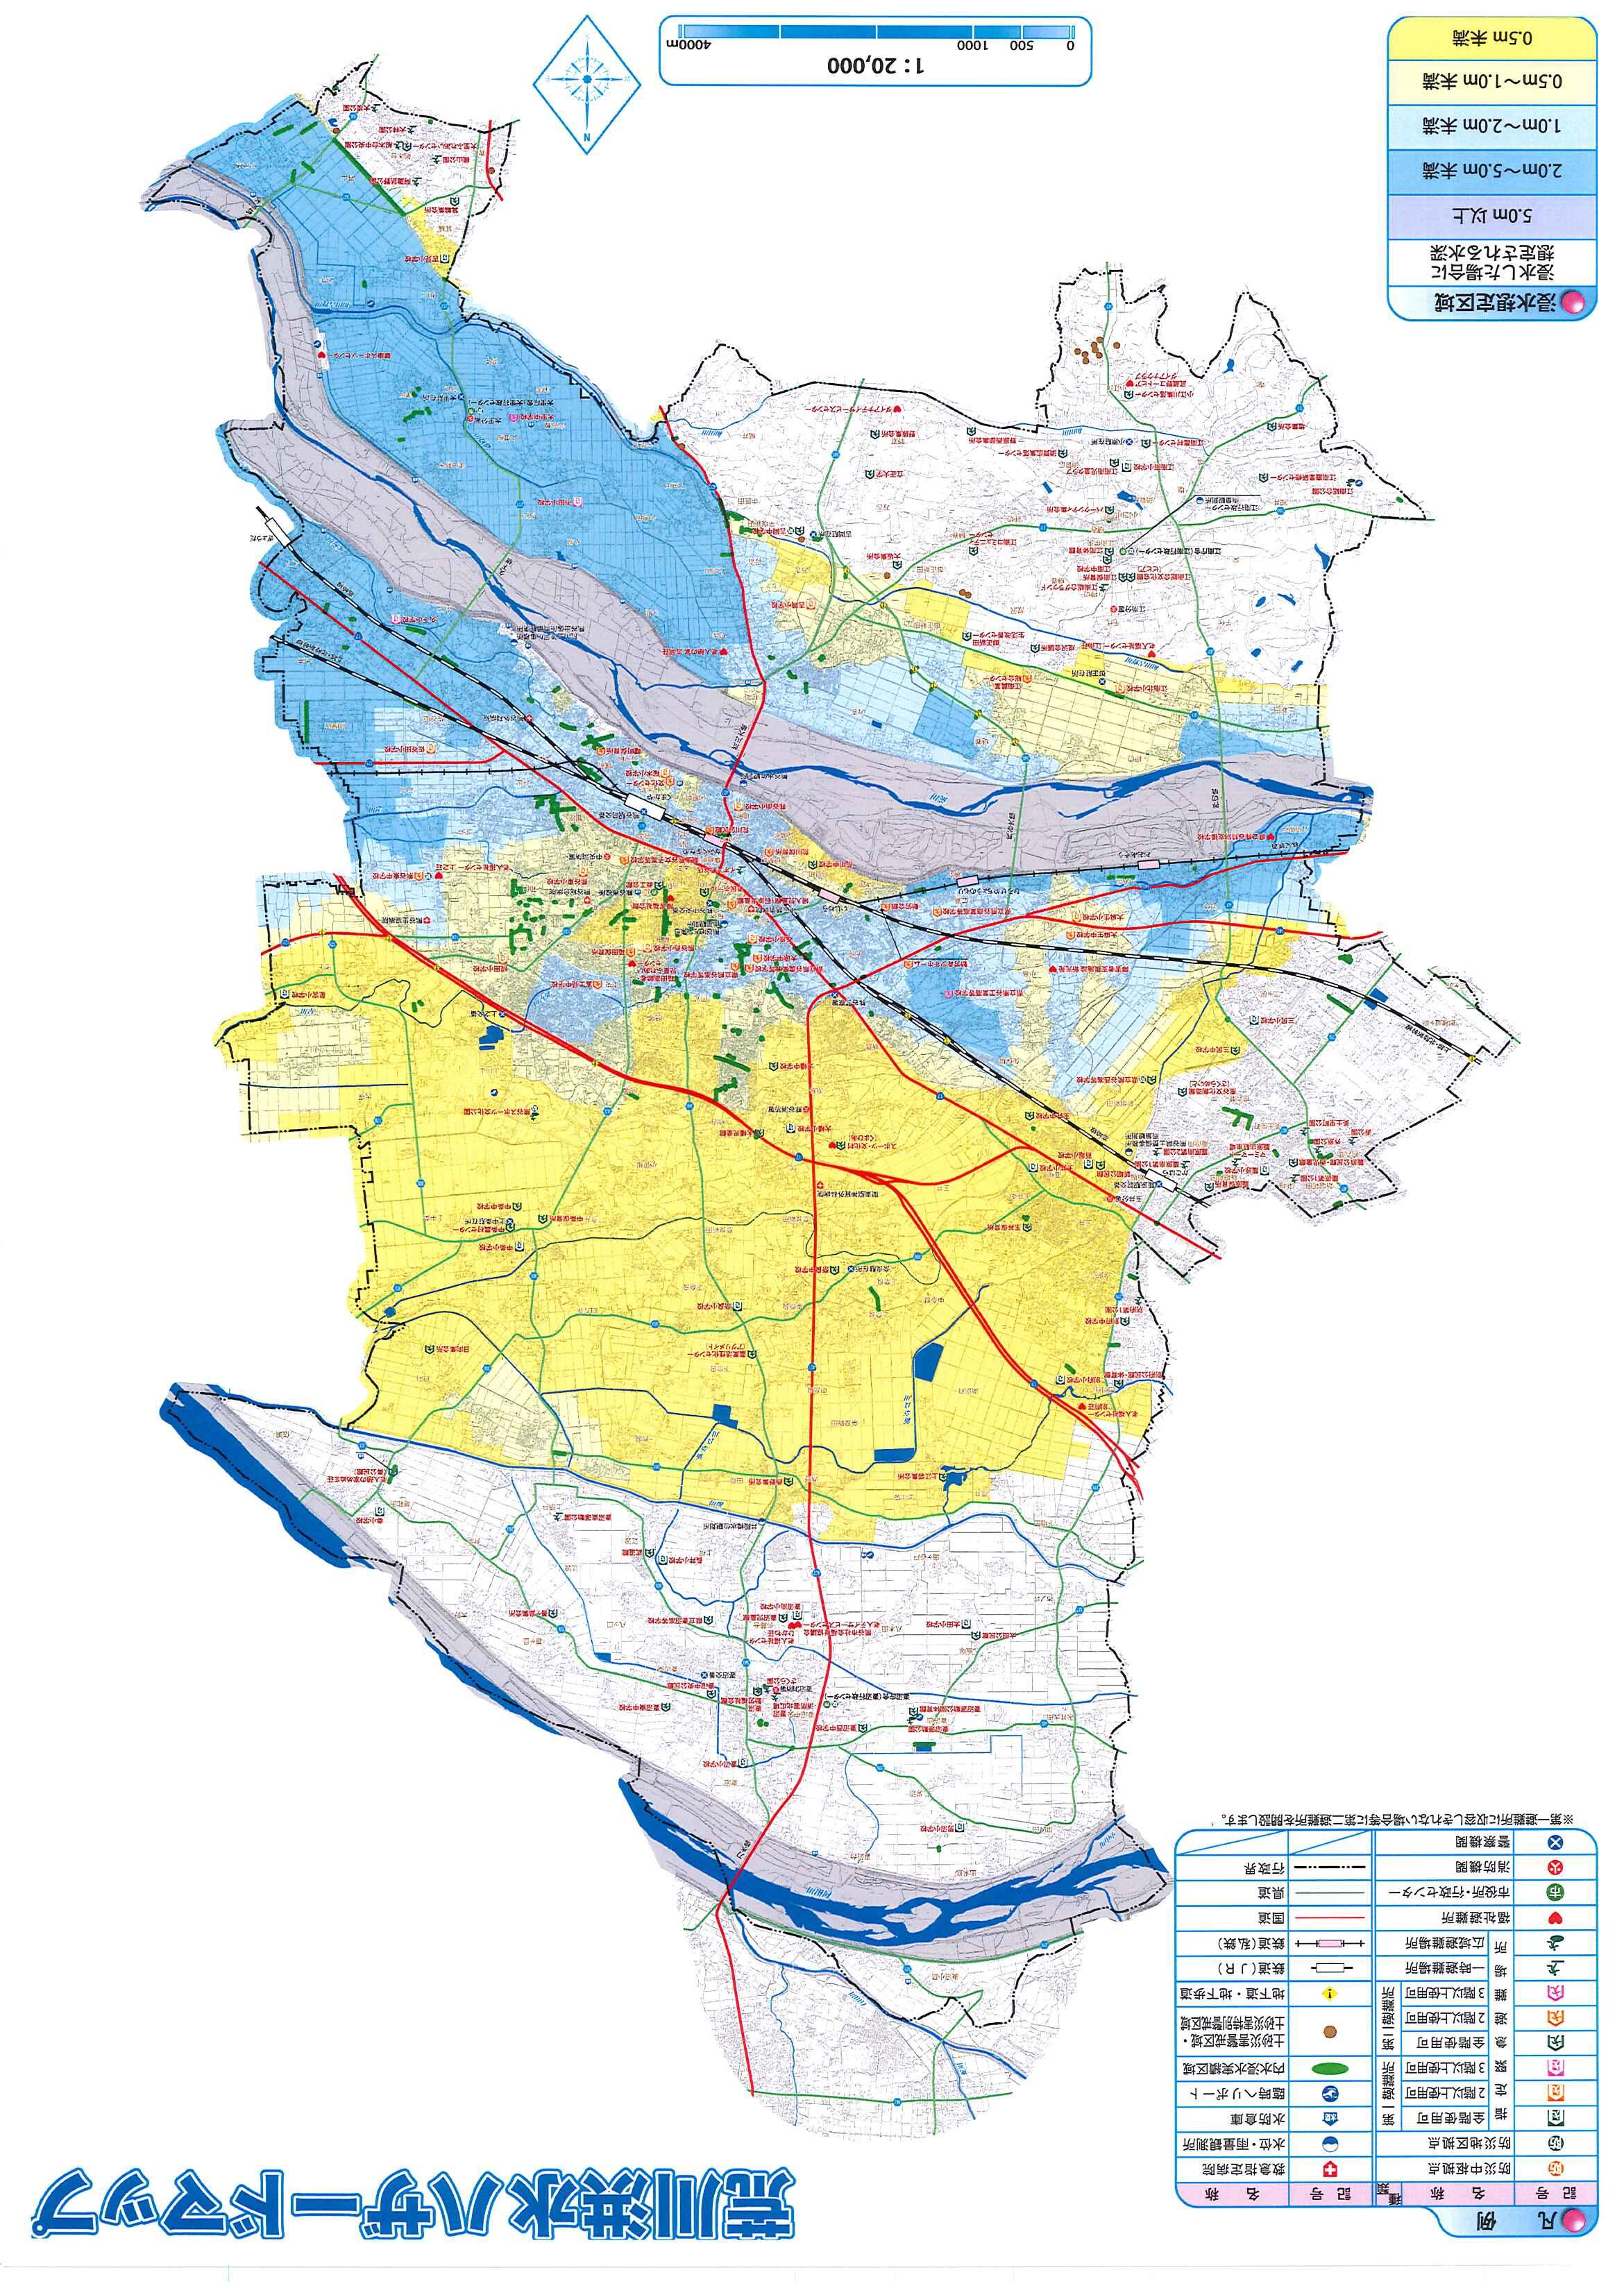 荒川洪水ハザードマップ